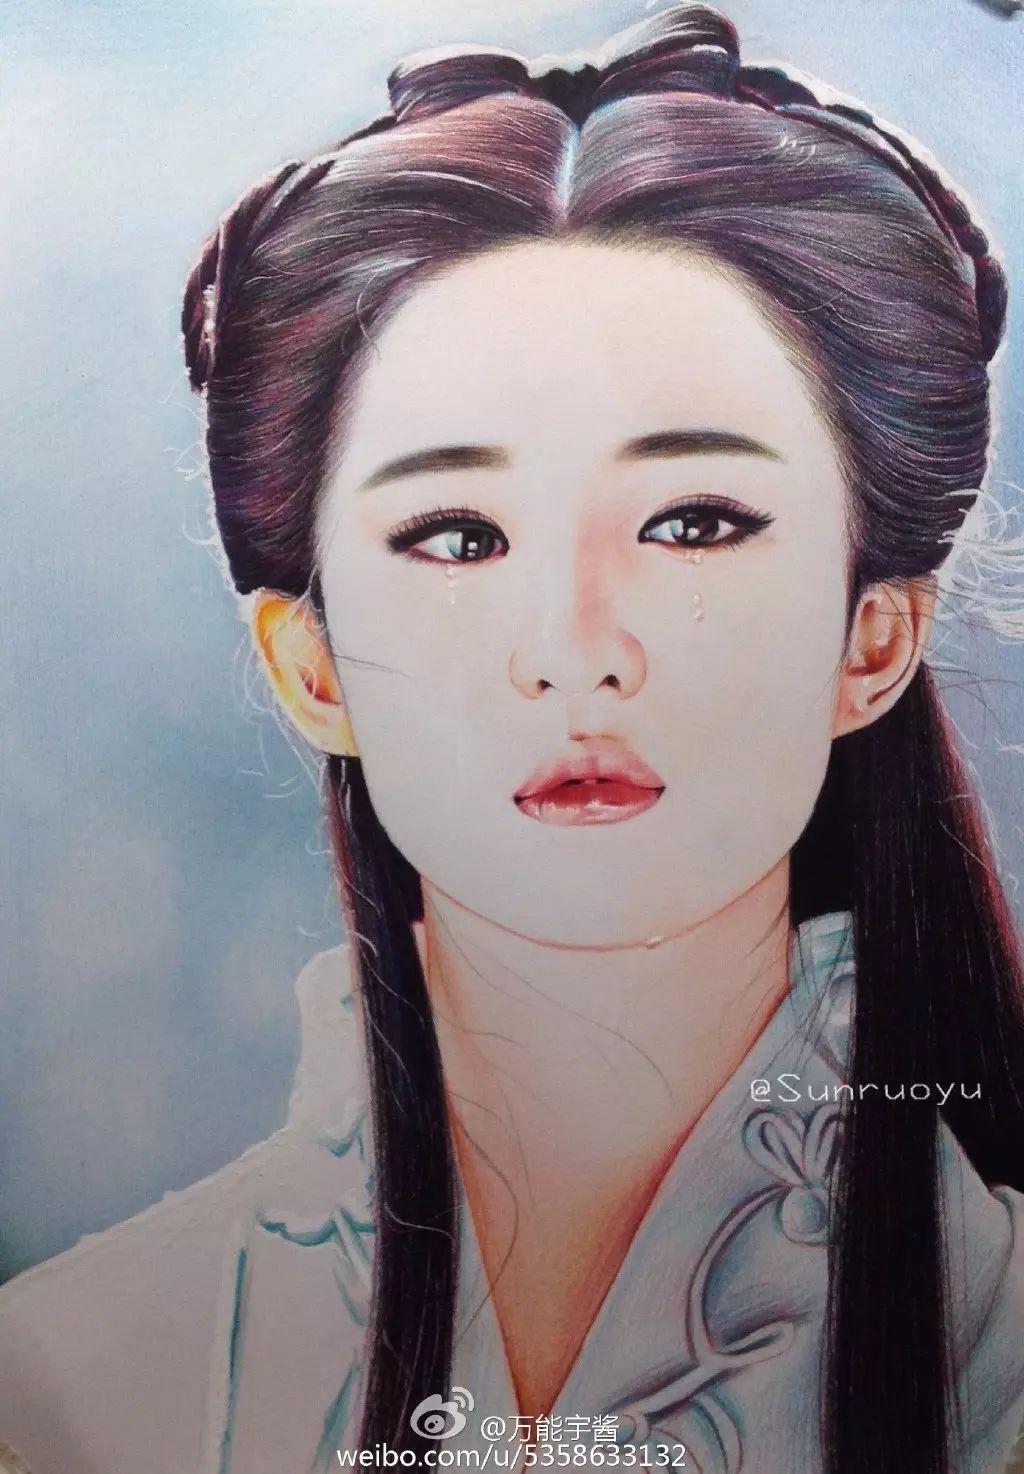 彩铅教程 | 起详细的人物教程,神仙姐姐刘亦菲